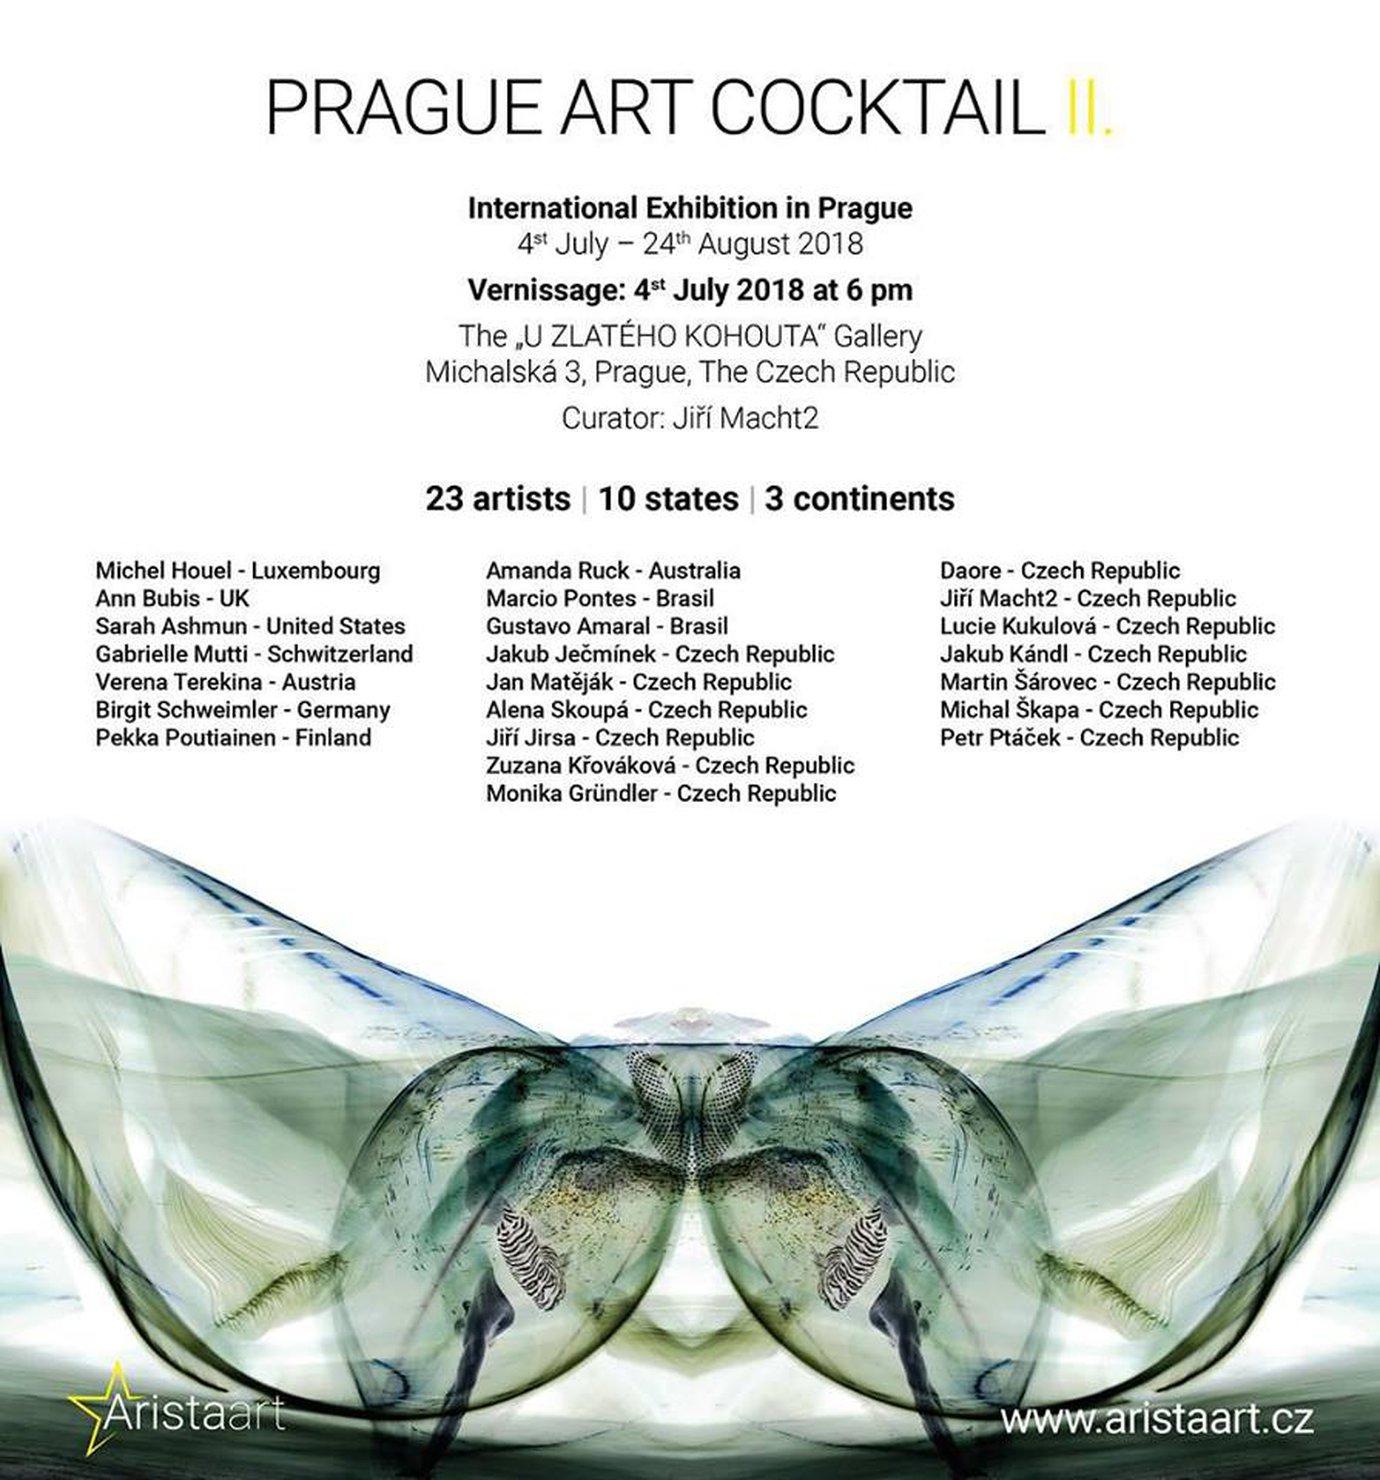 Art Cocktail 2 ed. - 2018, Prague, Czech Republic